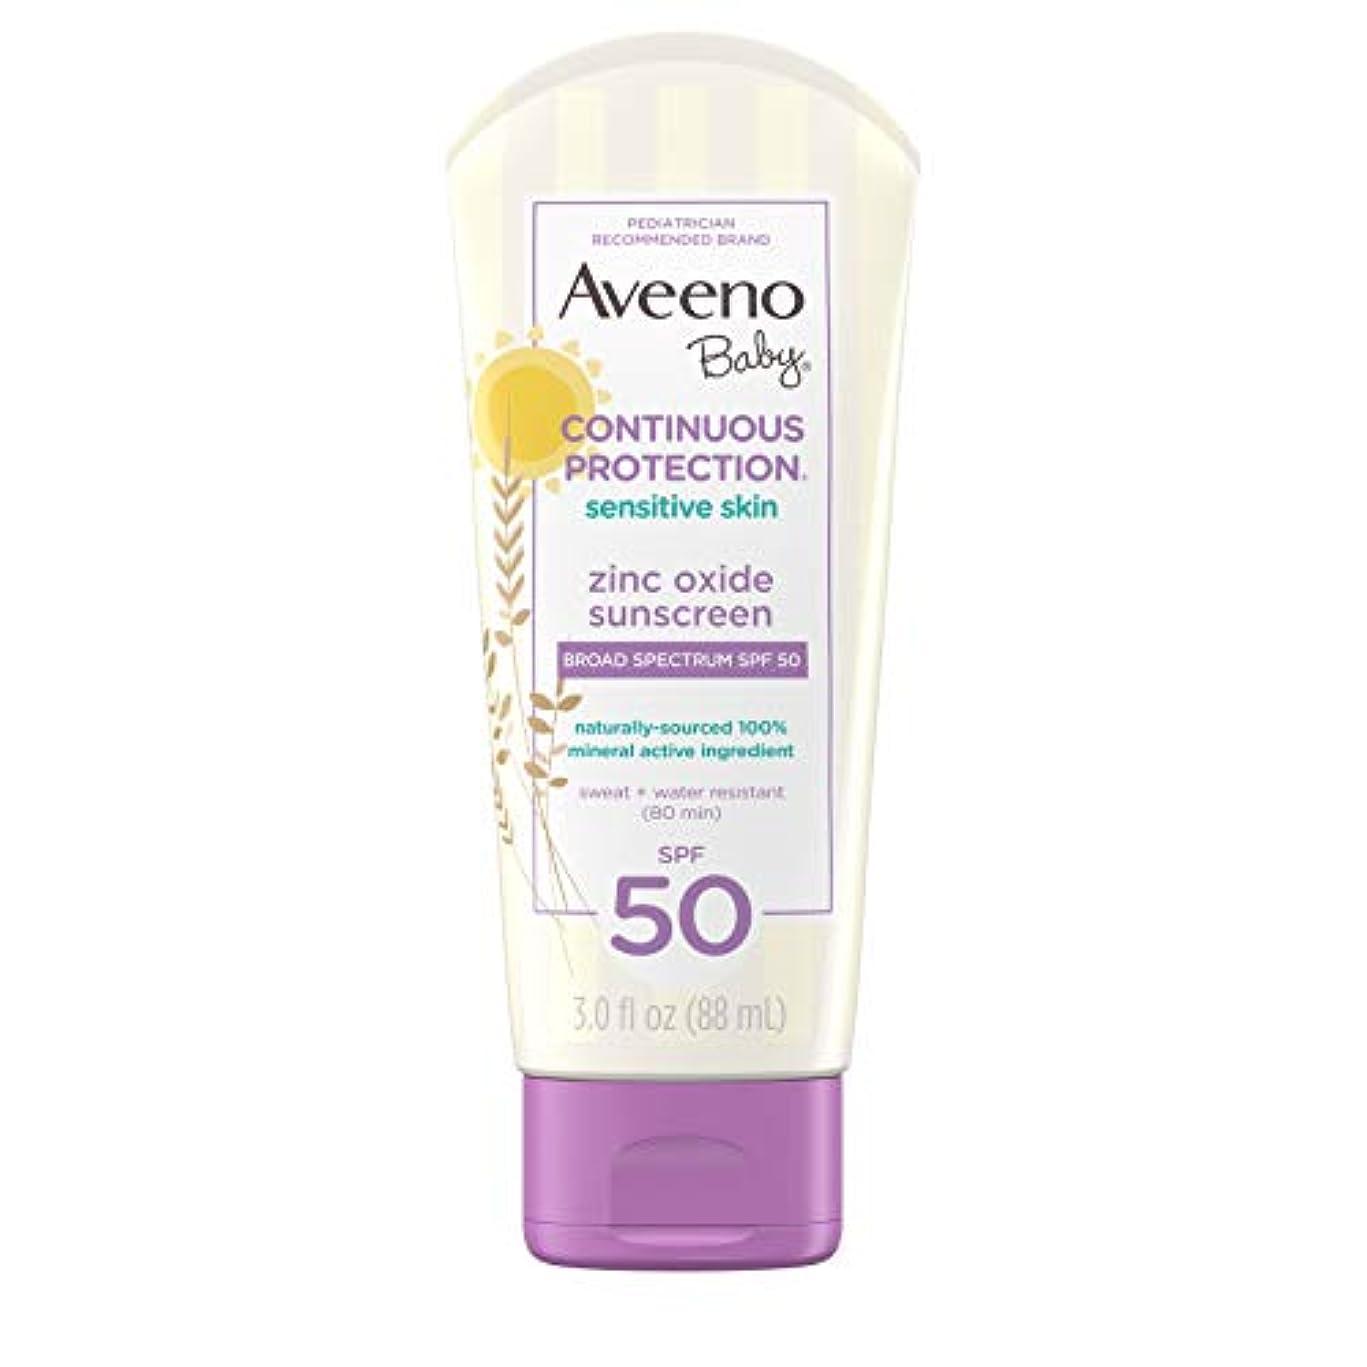 パテ格差眉Aveeno Baby 広域スペクトルのSPF 50、涙フリー、Sweat-&耐水性、旅行、サイズ、3フロリダで敏感肌用のContinuous Protection酸化亜鉛ミネラル日焼け止めローション。オズ